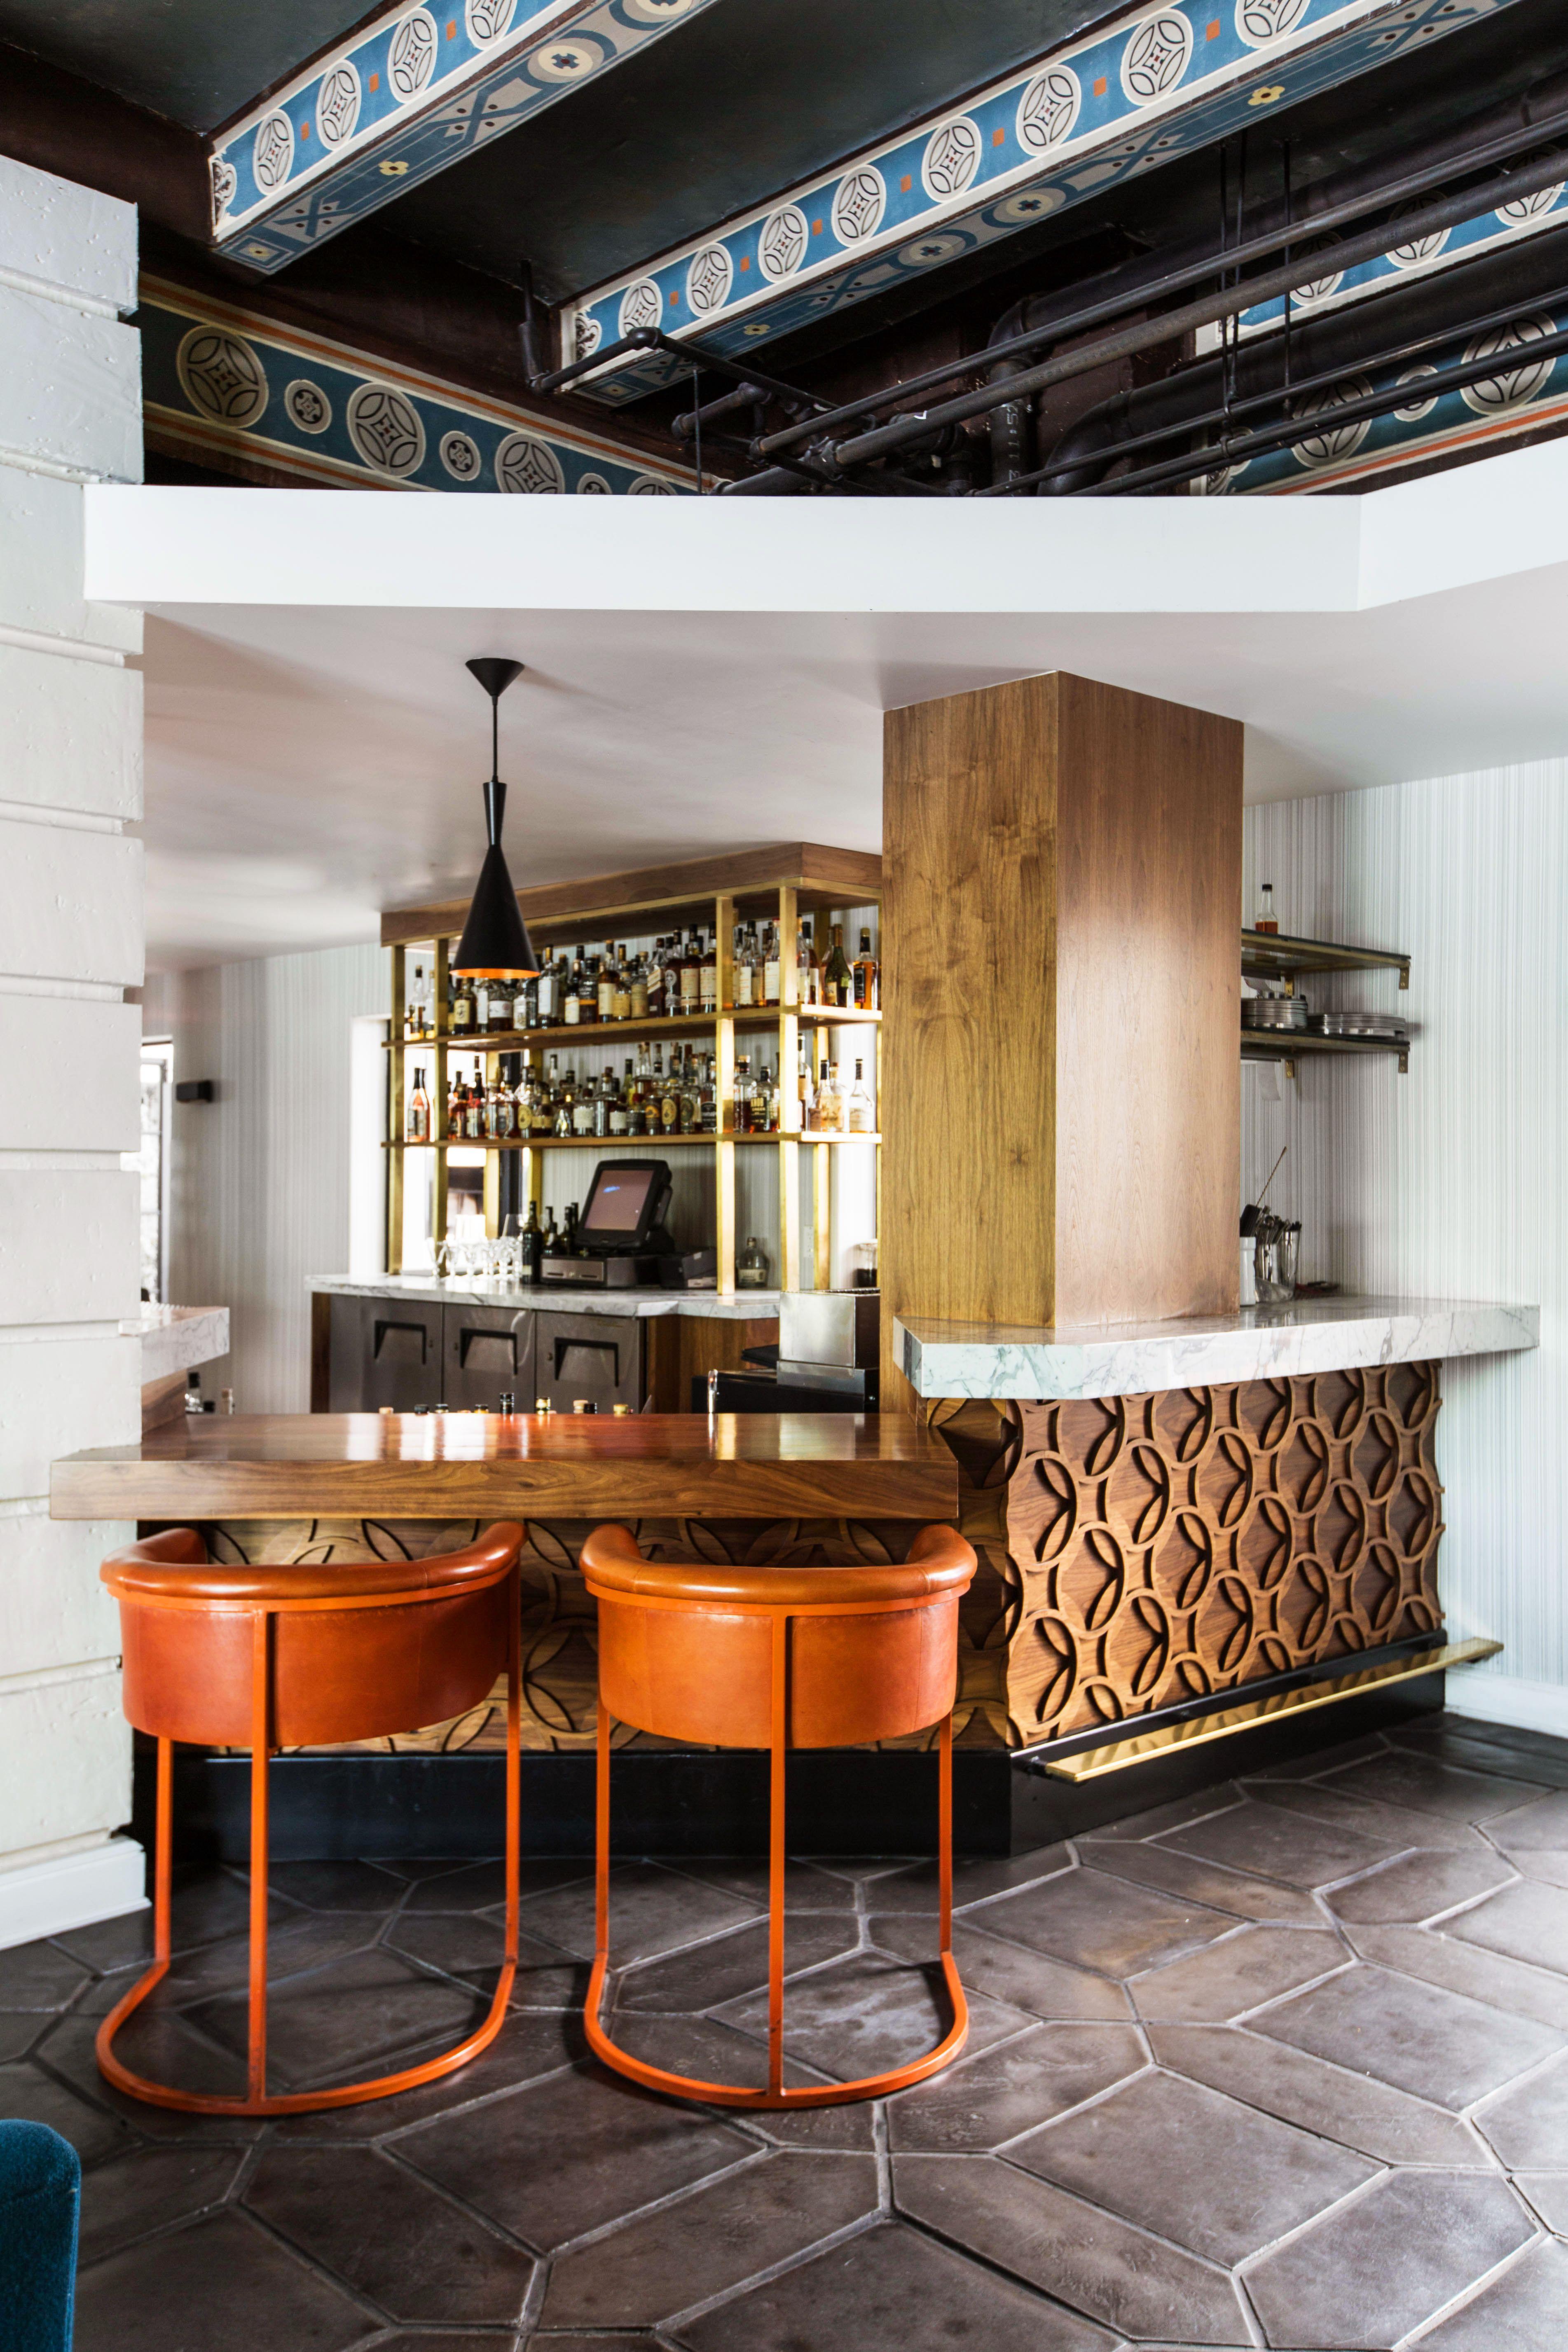 Restaurant Bar Main Dining Room Redbird Dining Restaurant Design Bar Nook